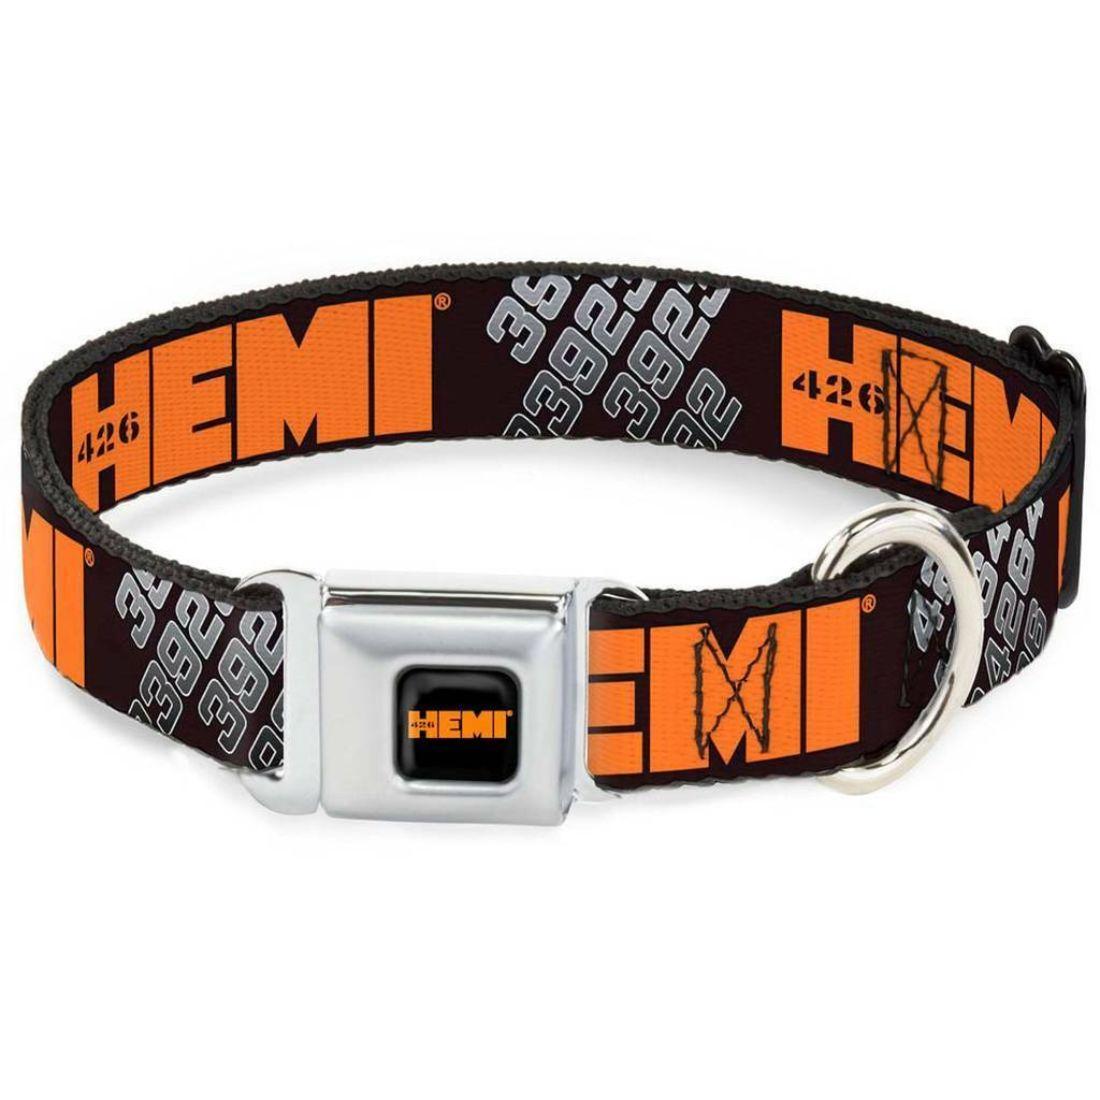 Chrysler Automobile Company Orange 426 Hemi Seatbelt Pet Collar